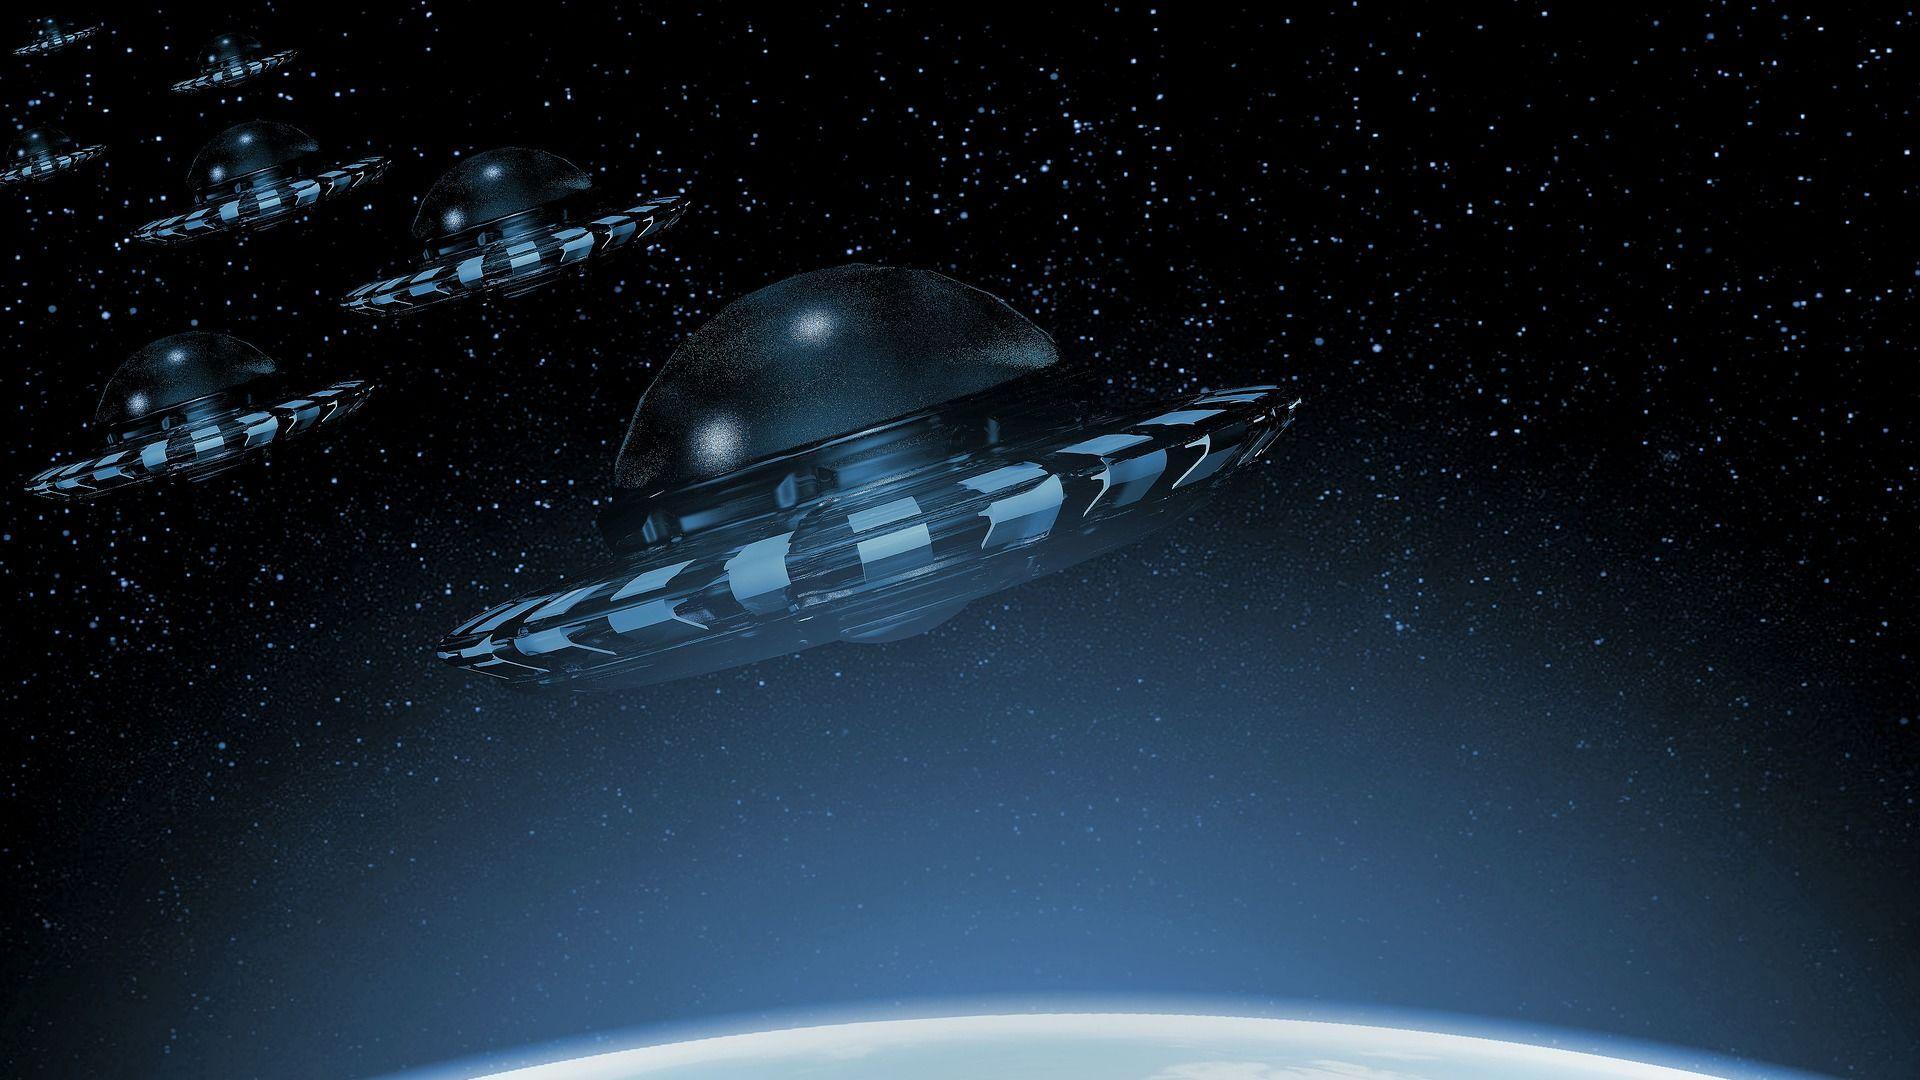 Gli UFO - Sputnik Italia, 1920, 24.03.2021